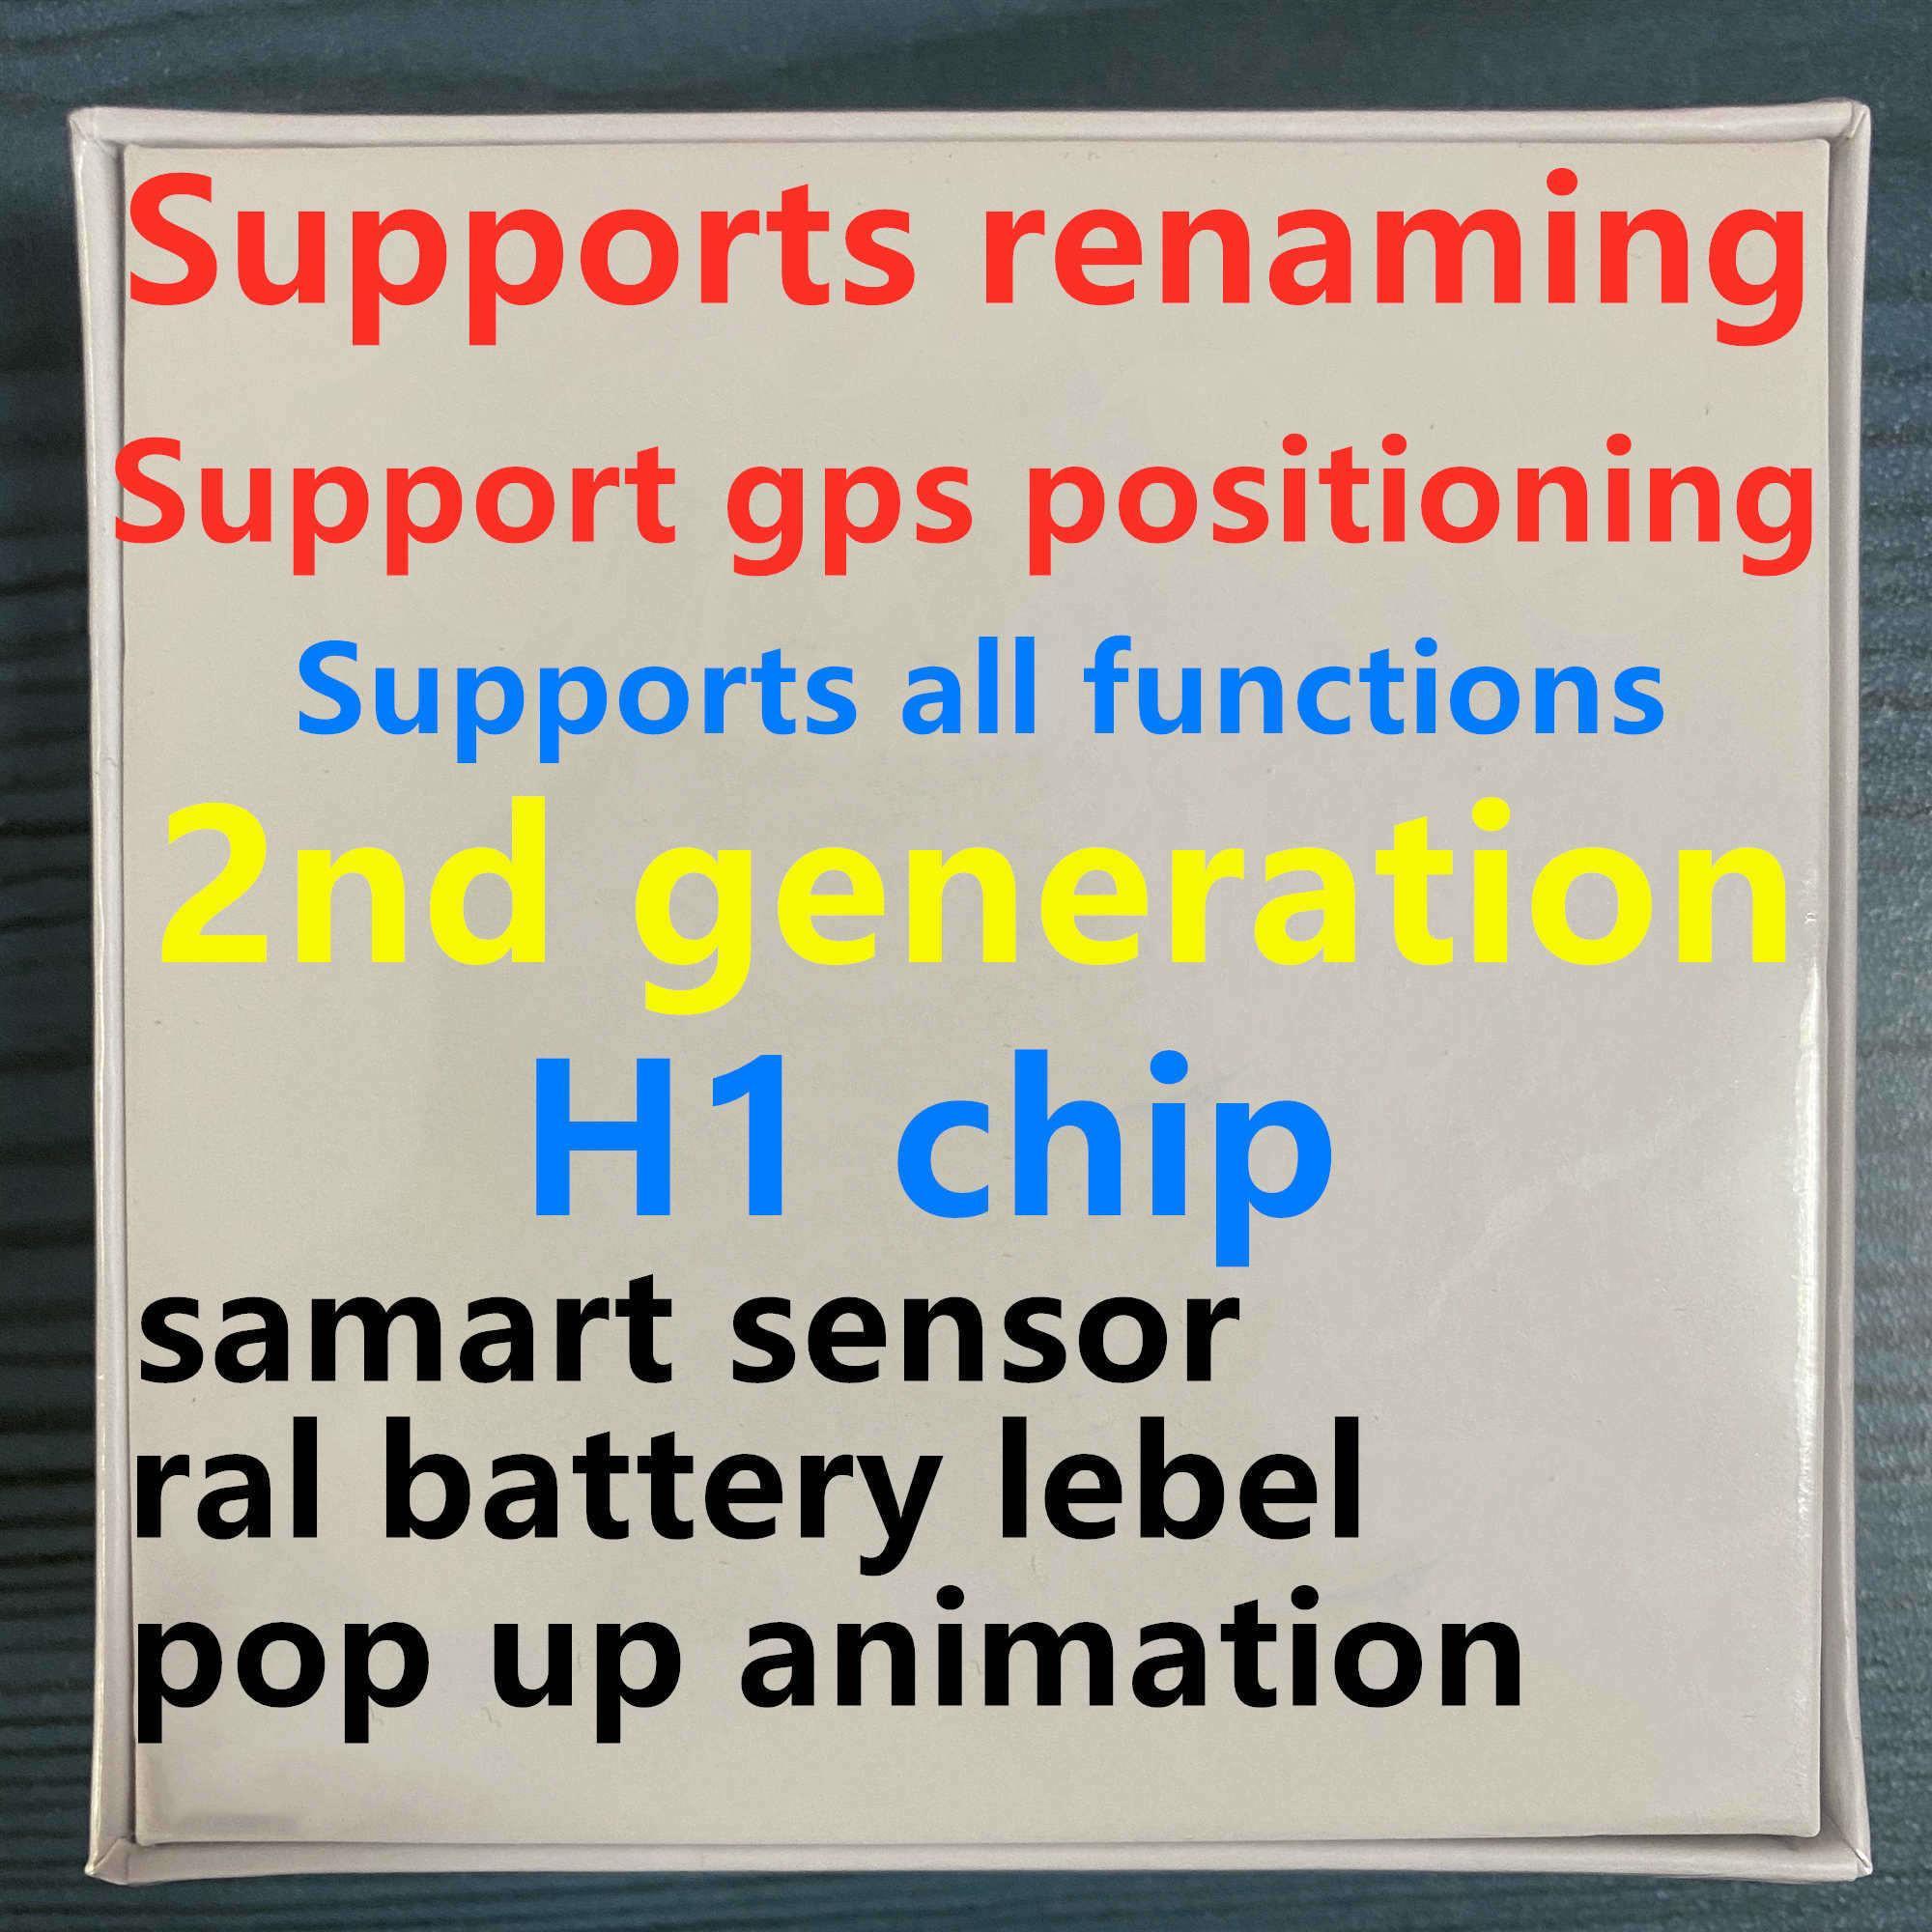 이 개 포드의 경우 이어폰 새로운 충전 창 블루투스 헤드폰 자동 페어링의 wireles 팝업 H1 이어폰 칩 GPS를 이름 바꾸기 에어 AP3가 AP2 TWS 세대 프로